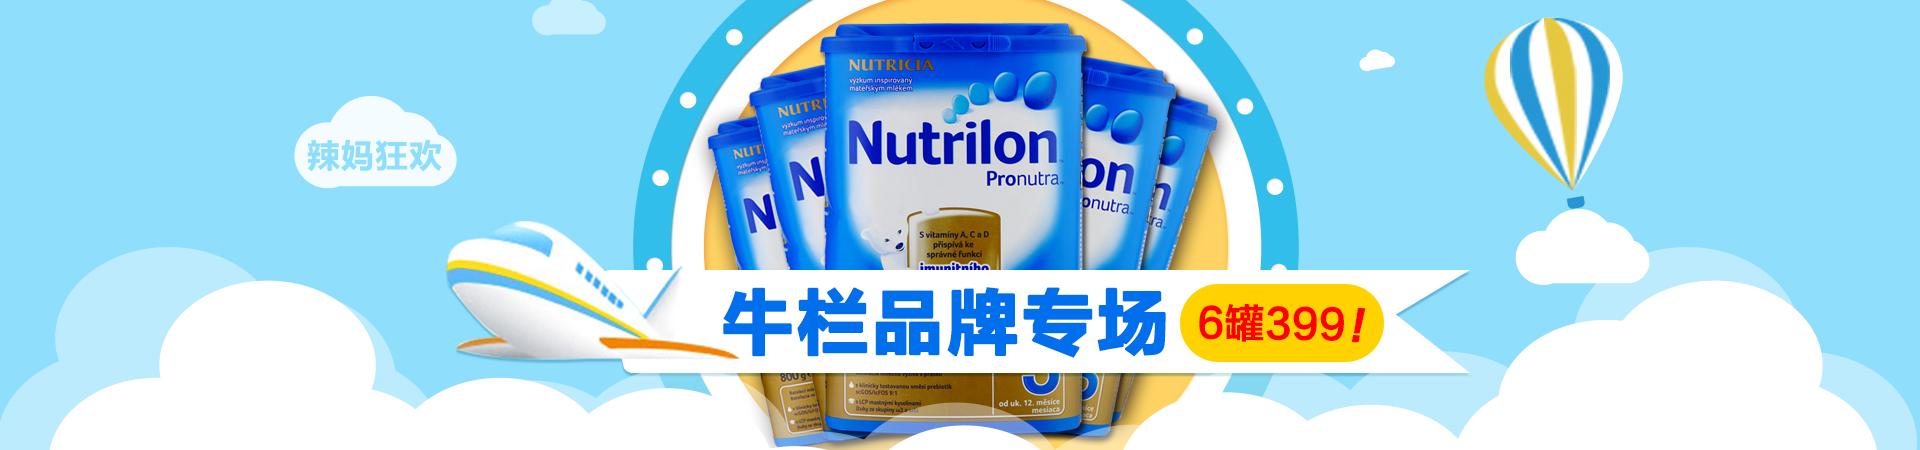 辣妈狂欢 牛栏品牌专场,6罐399!